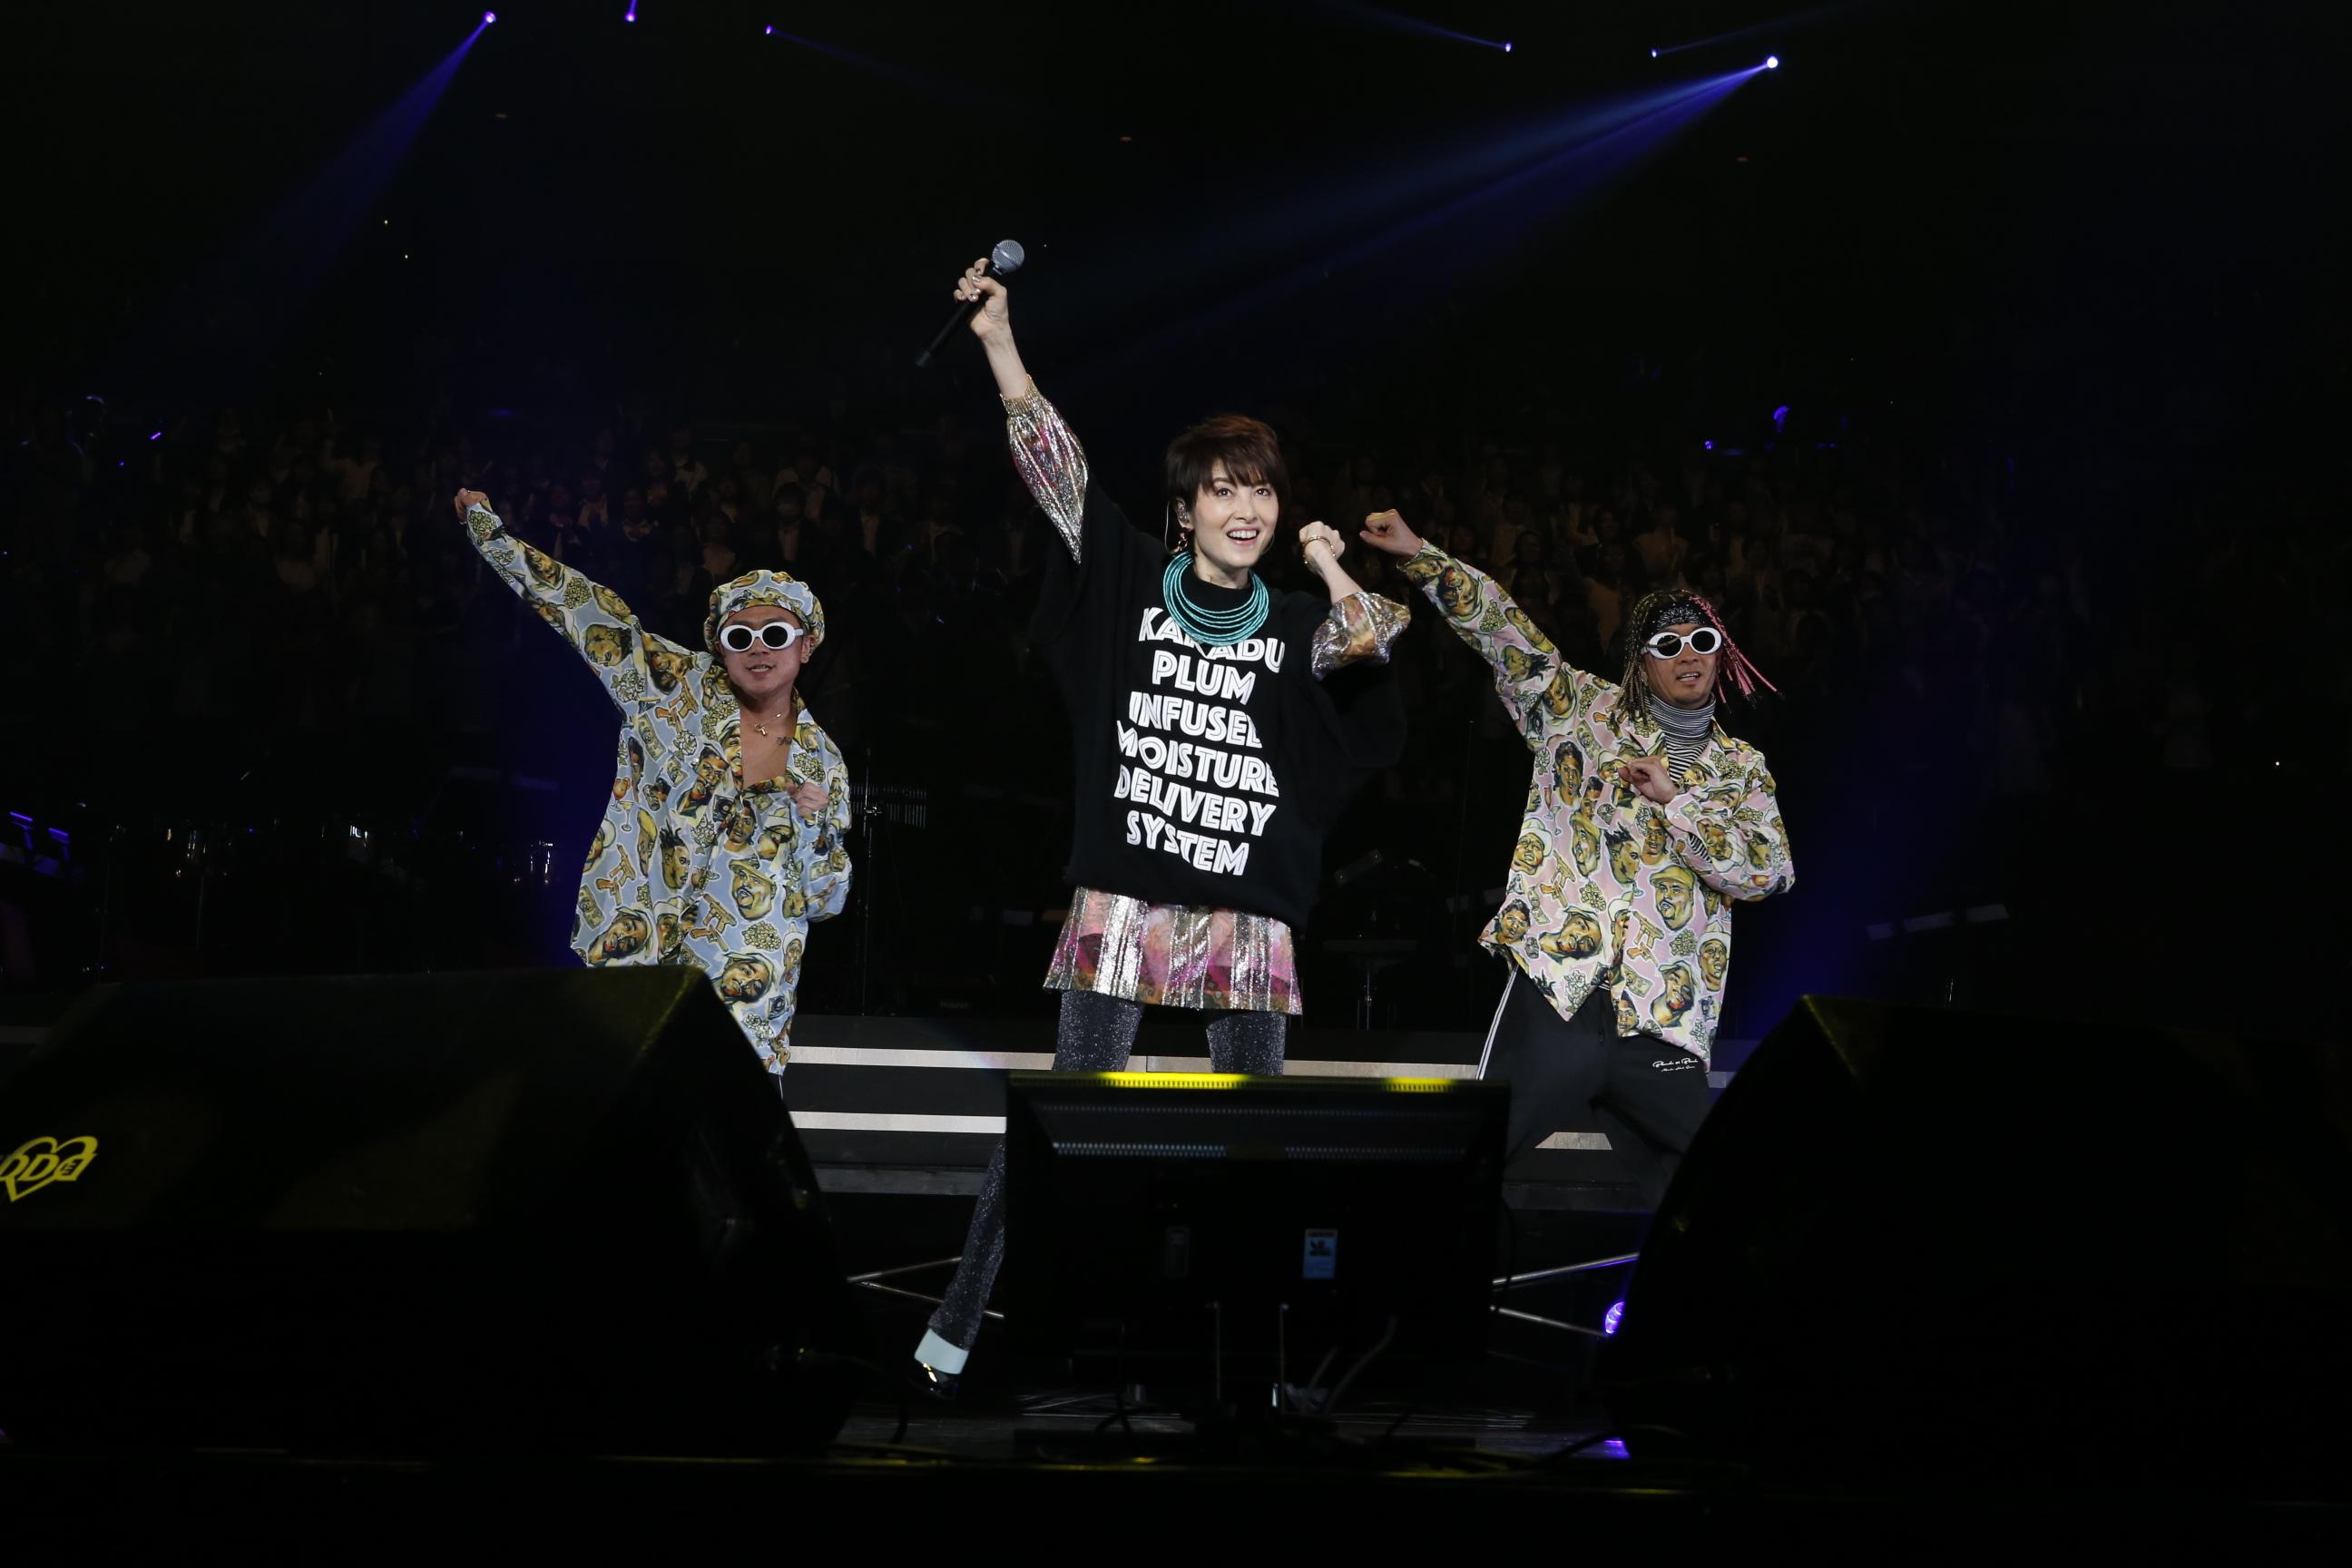 荻野目洋子 LIVE SDD 2018 OFFICIAL PHOTO